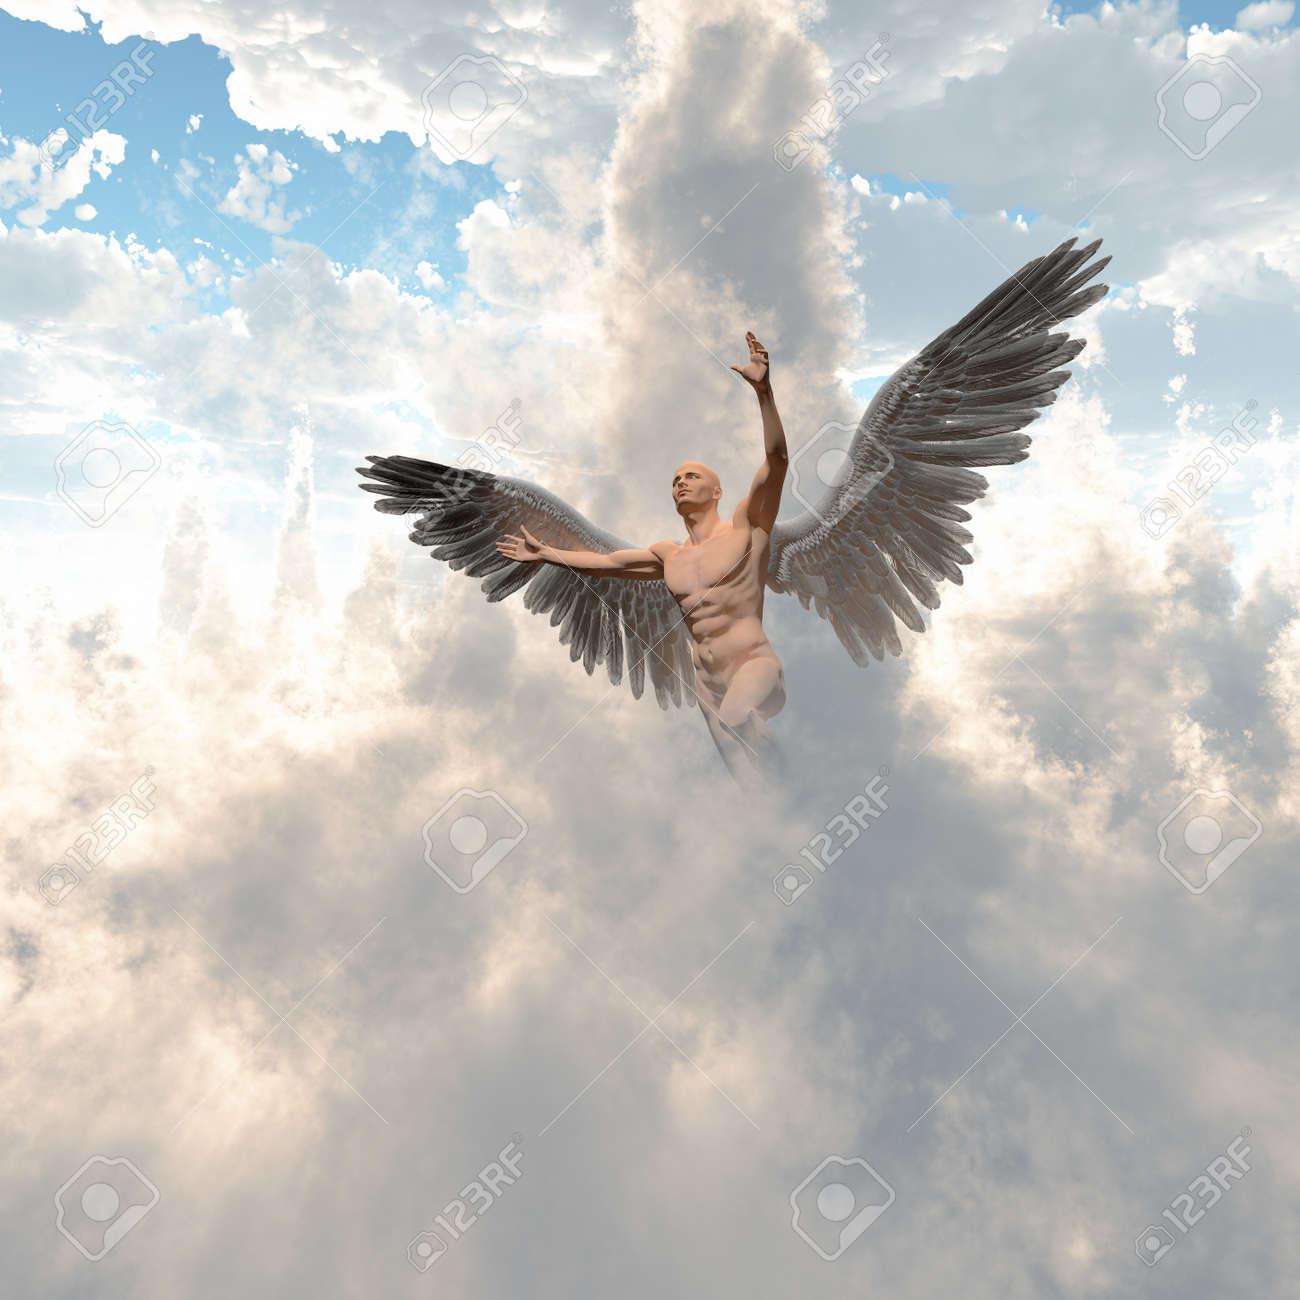 Image D Ange Homme surréalisme. un homme nu avec des ailes d'ange vole dans le ciel